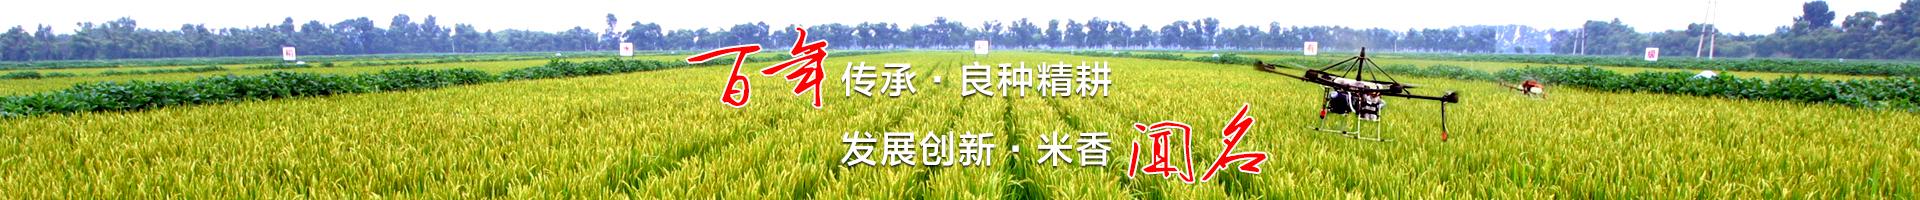 中国稻作历史